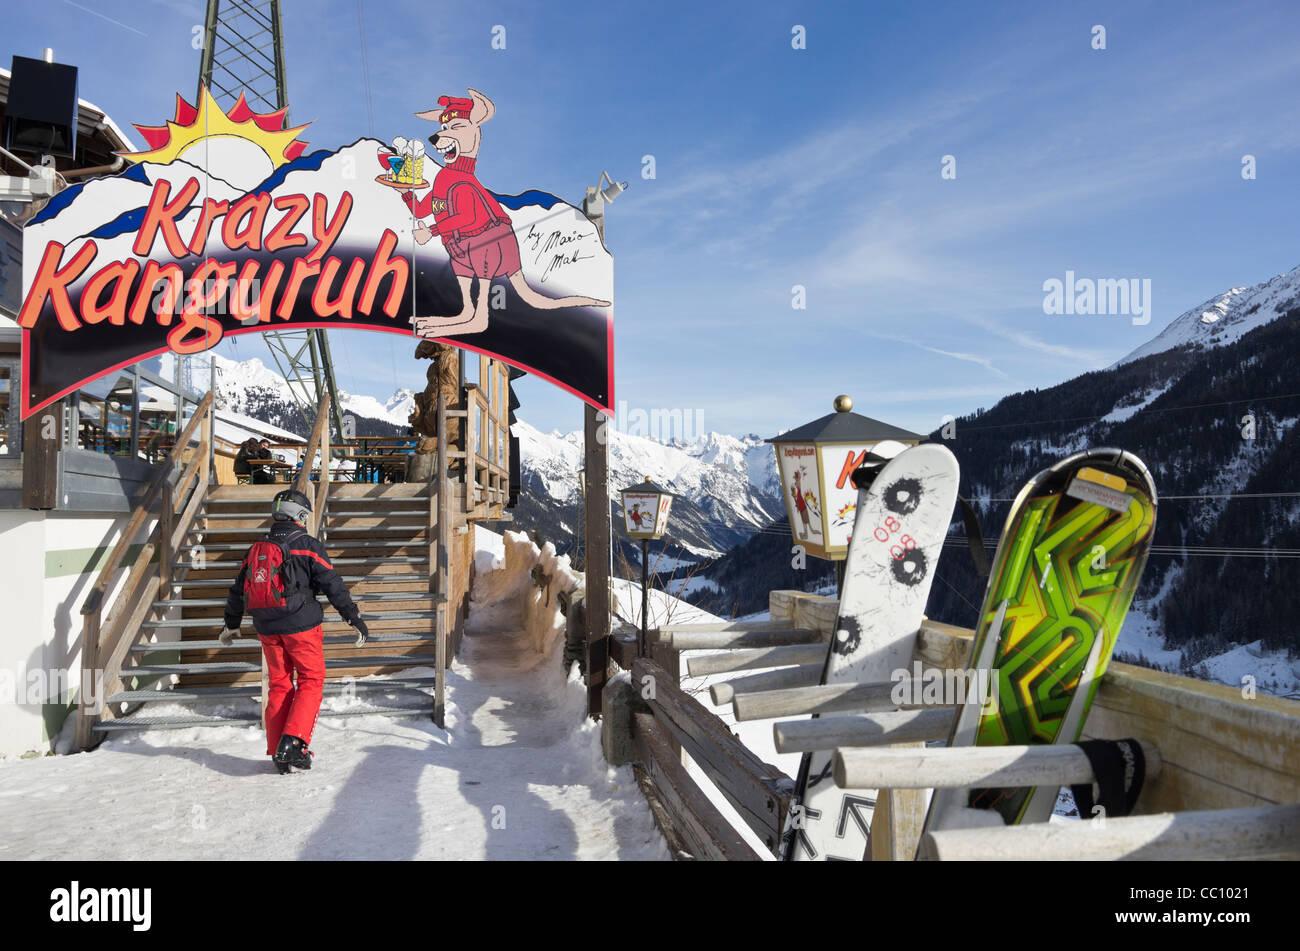 Krazy Kanguruh Après Ski Bar Ortseingangsschild Mit Skiern Außerhalb